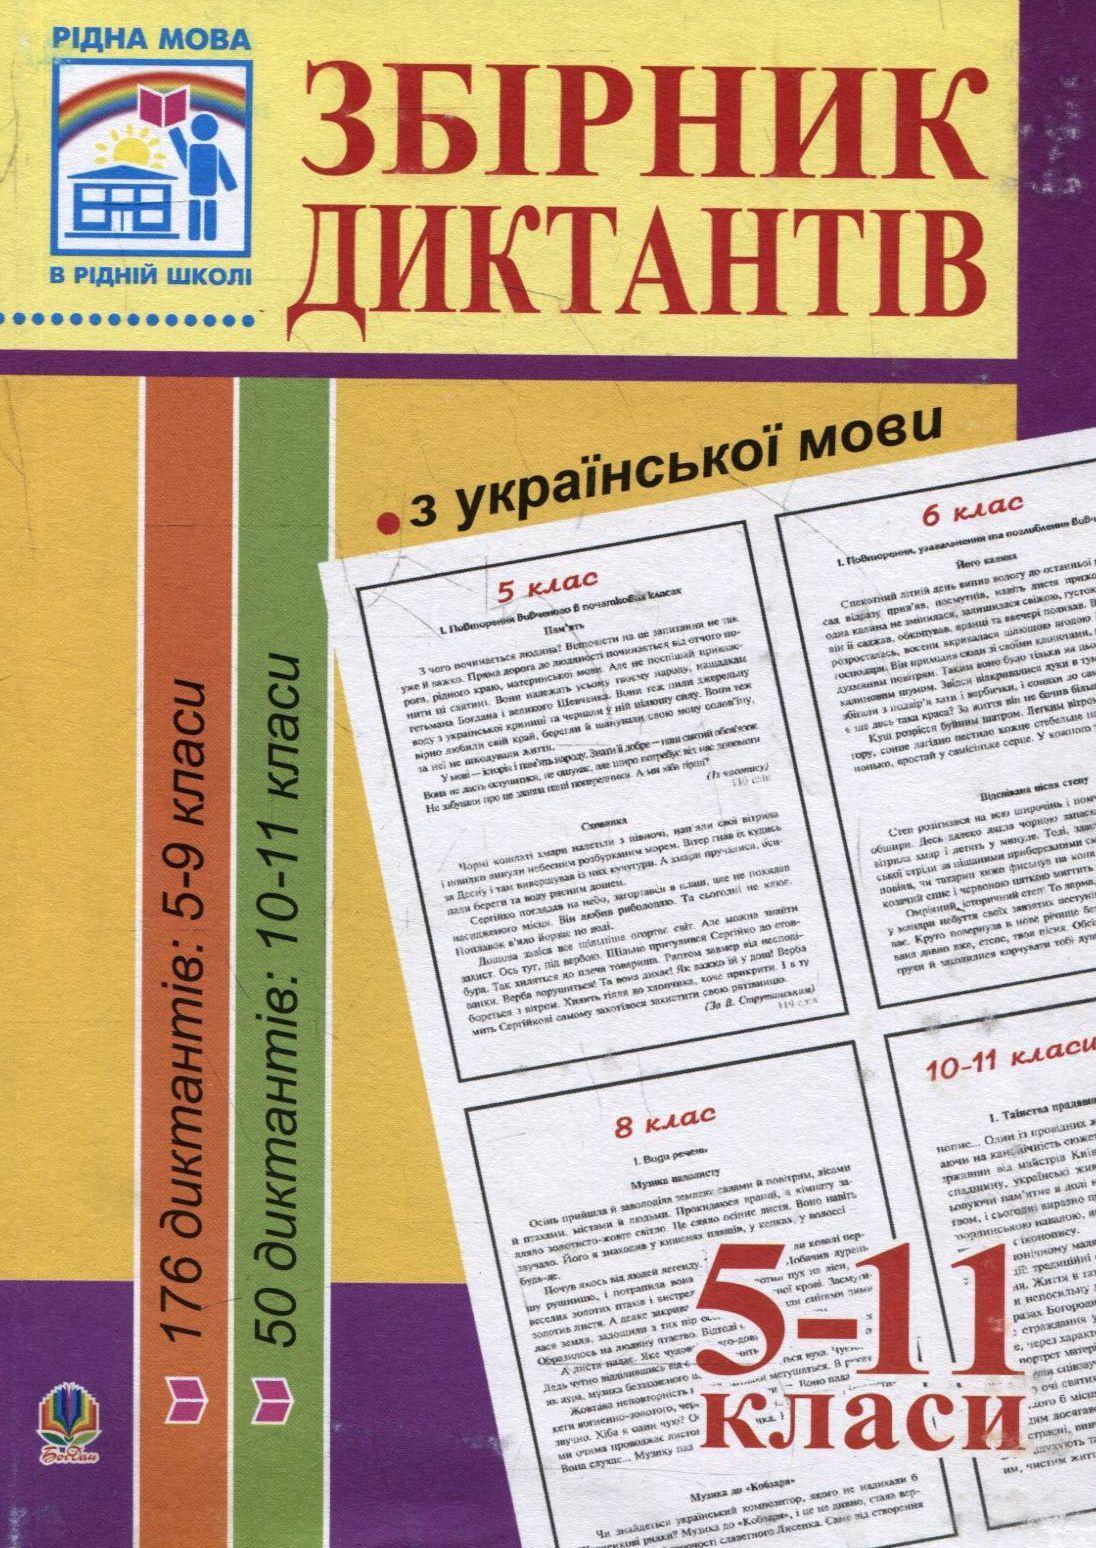 Обществознание 7 класс рабочая тетрадь кравченко певцова ответы